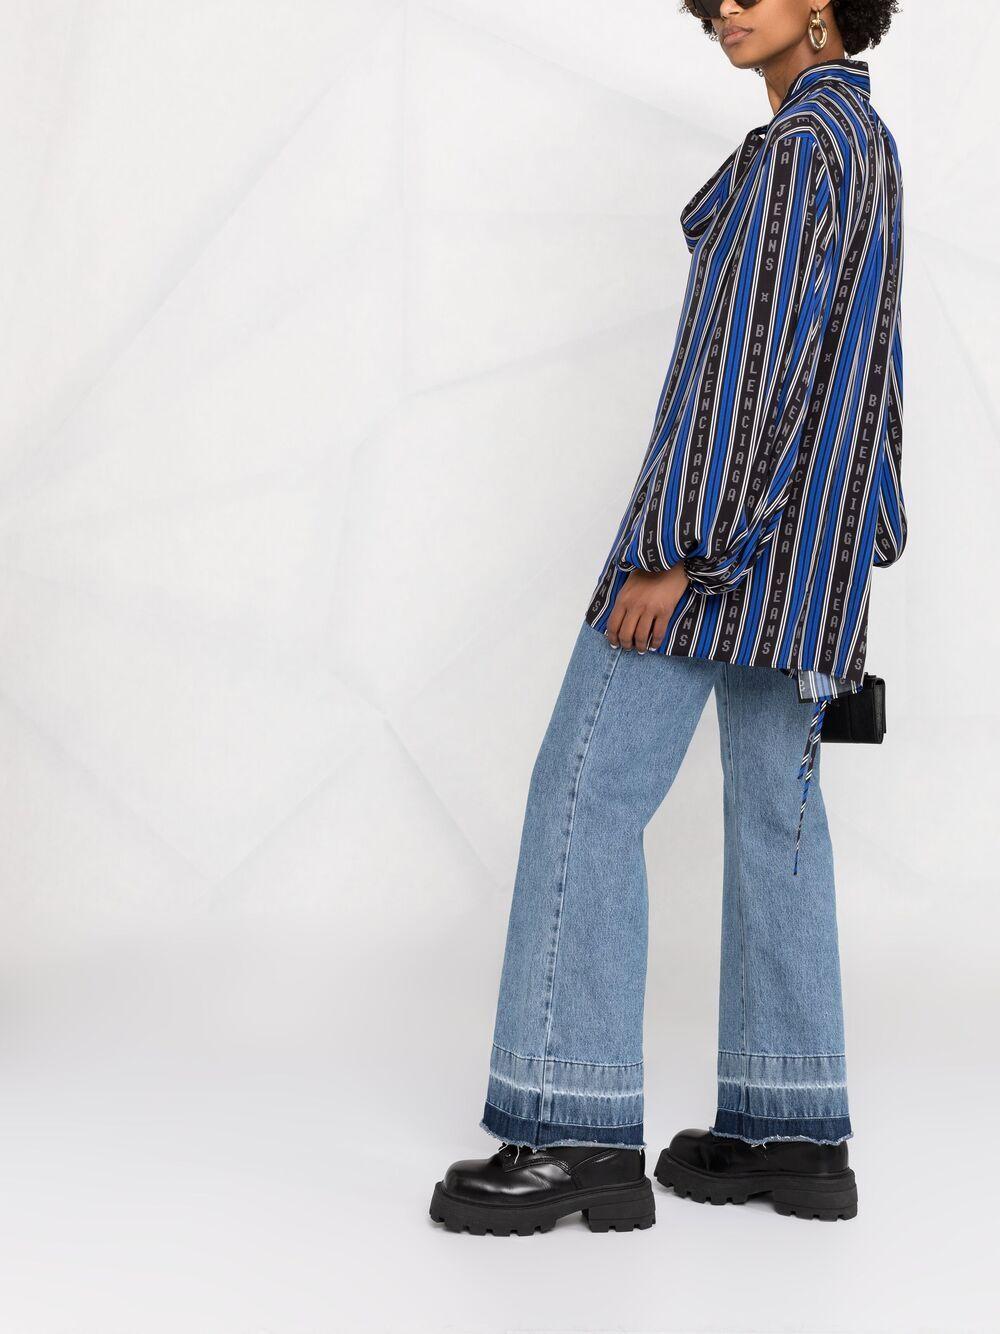 camicia viscosa fasce contrasto scritta logo verticale collo annodato lacceto vita m/l BALENCIAGA   Camicie   659088-TKL321165